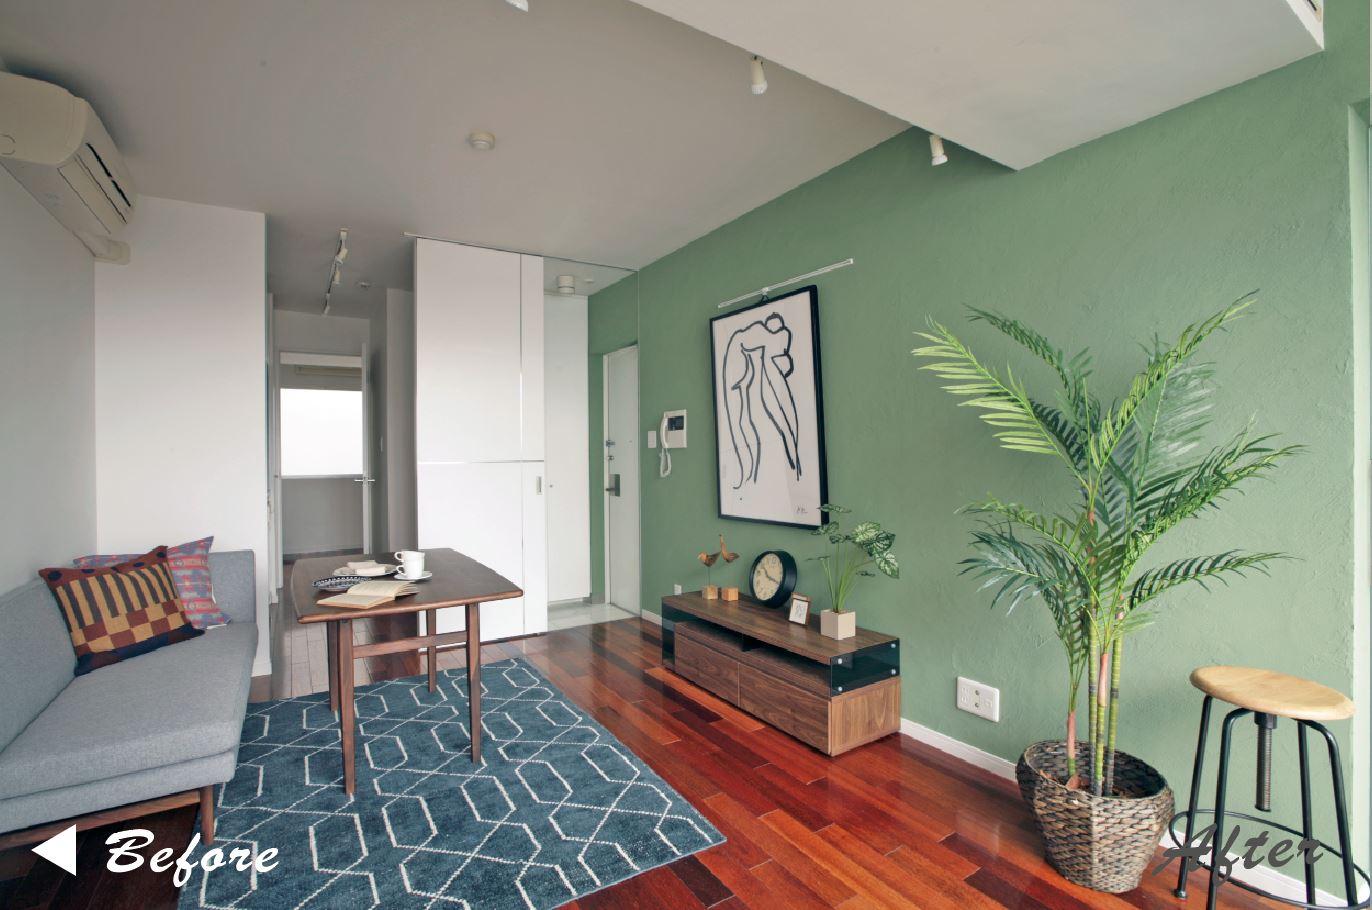 壁一面の珪藻土でより優しく、居心地のよい空間へ。 イメージ